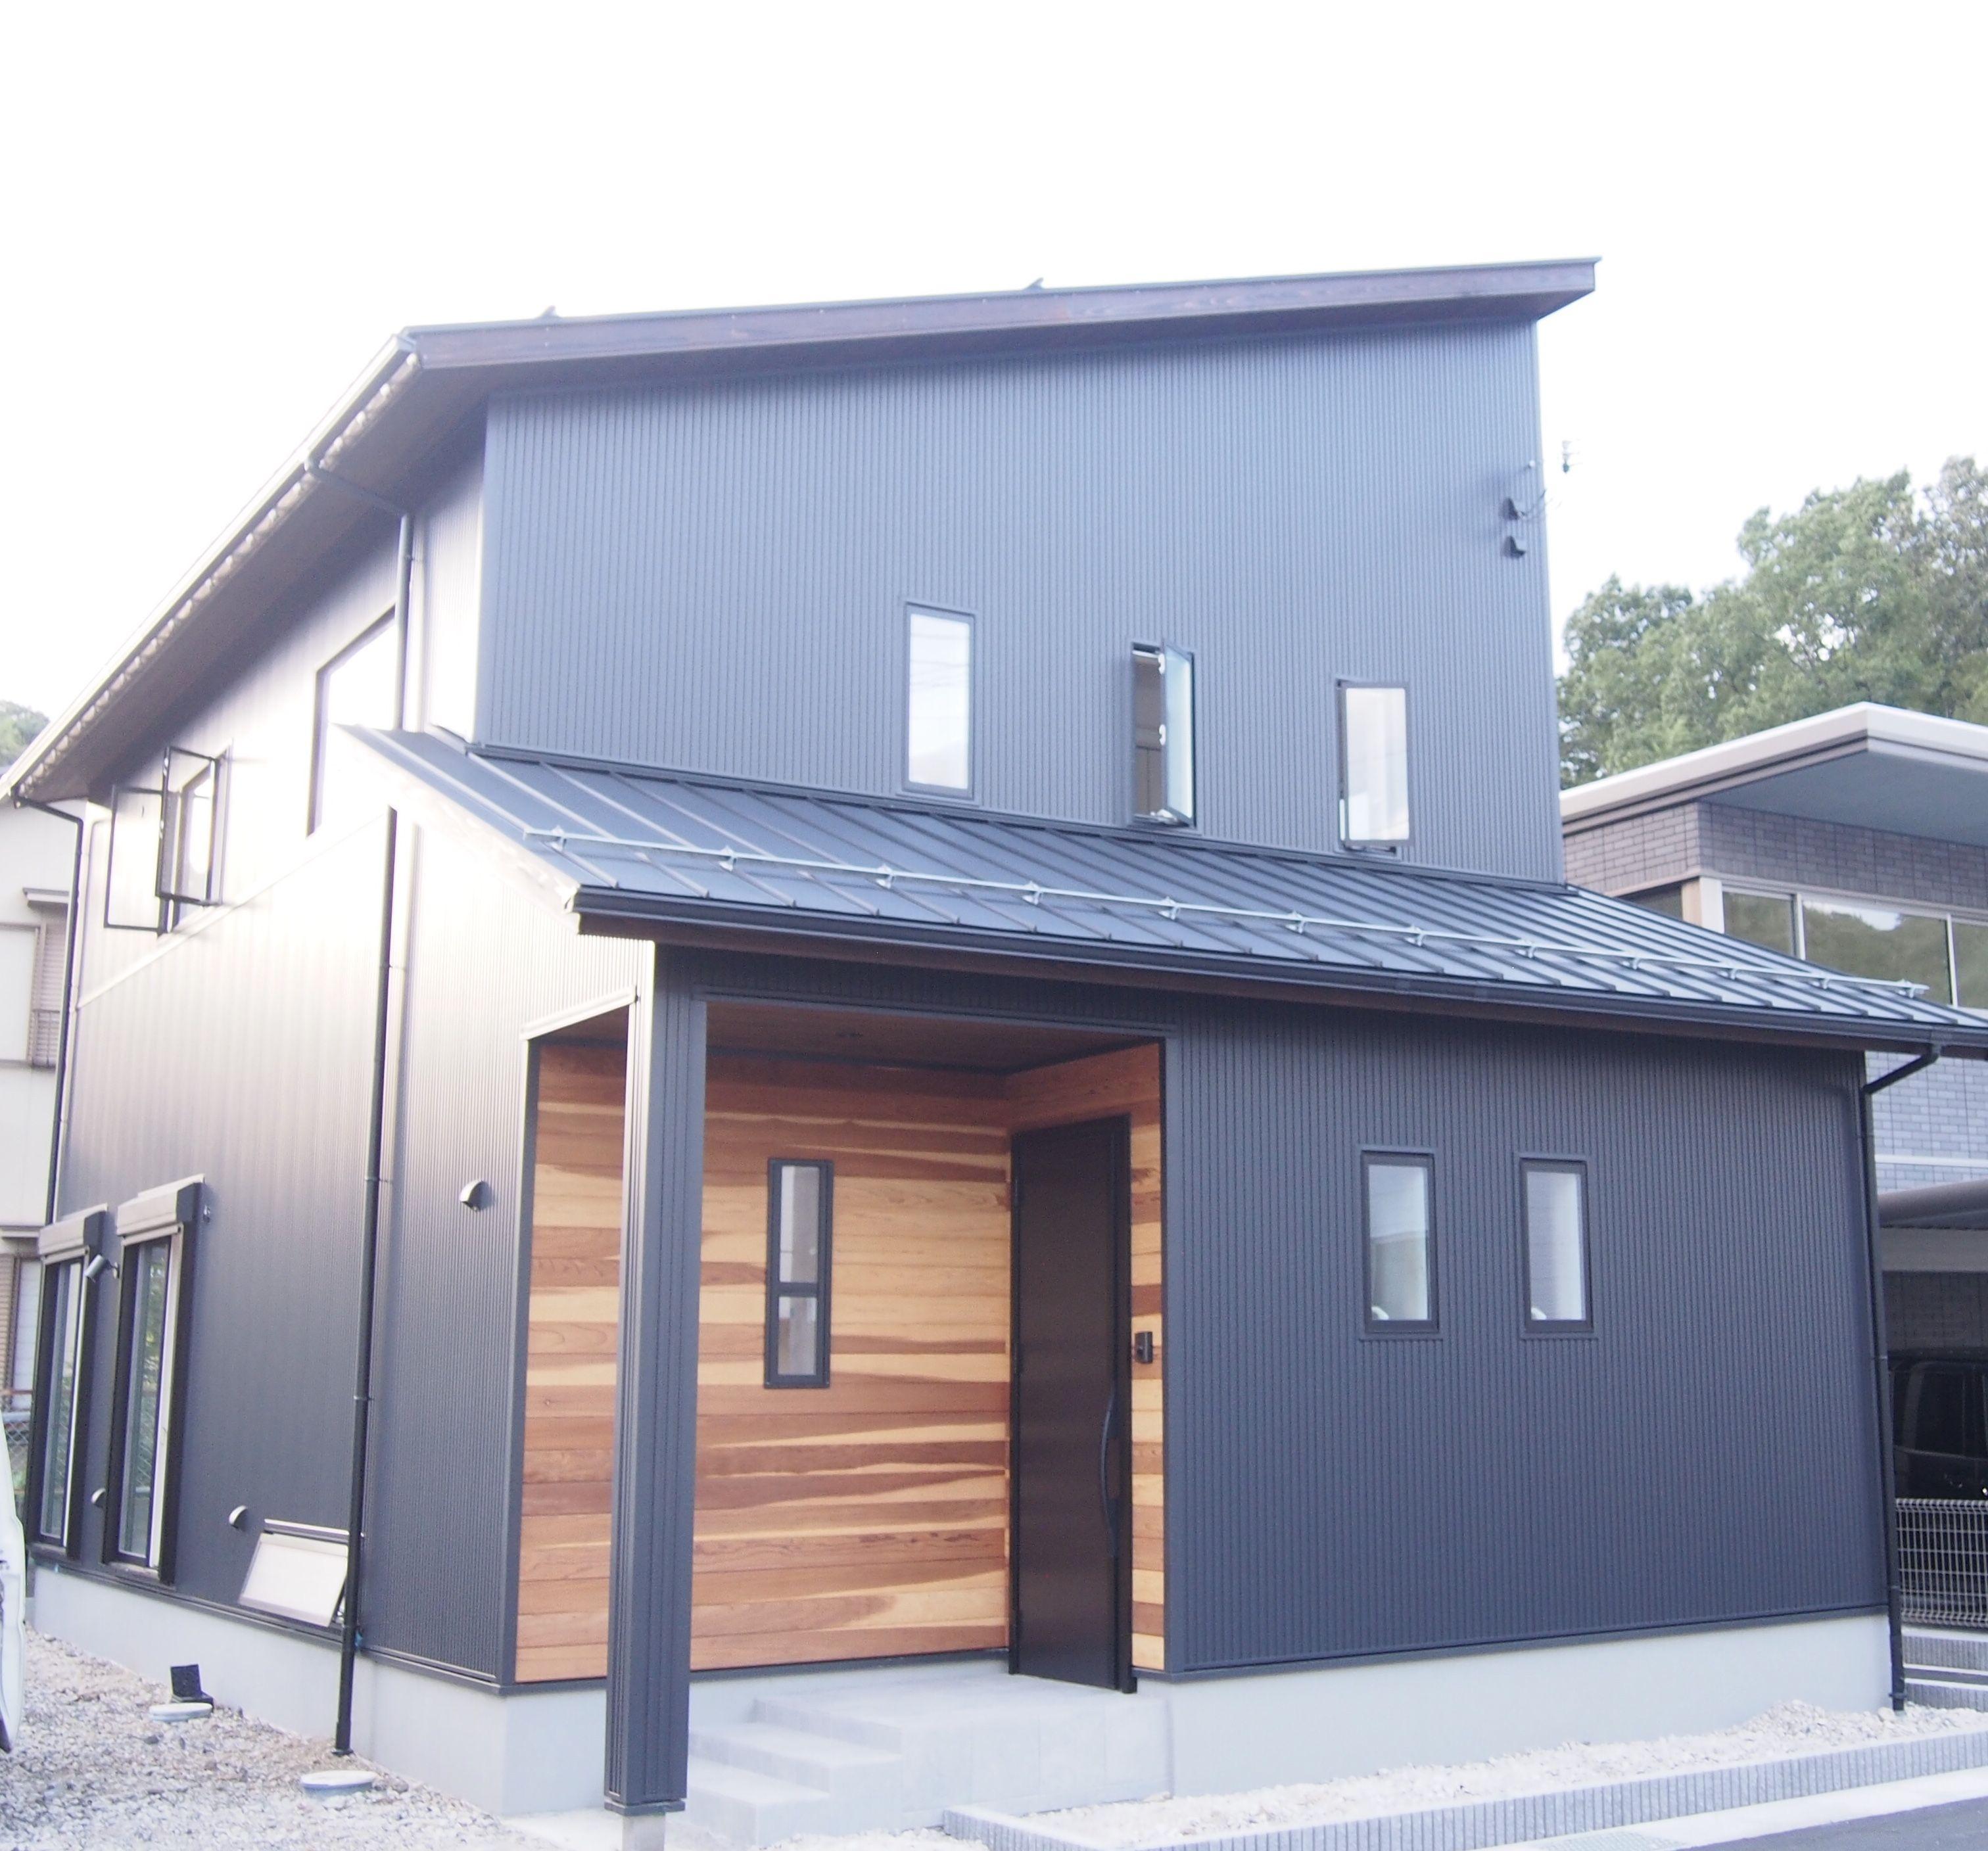 塩見工務店がつくる 楽木 ラッキー な家 舞鶴市の注文住宅新築施工